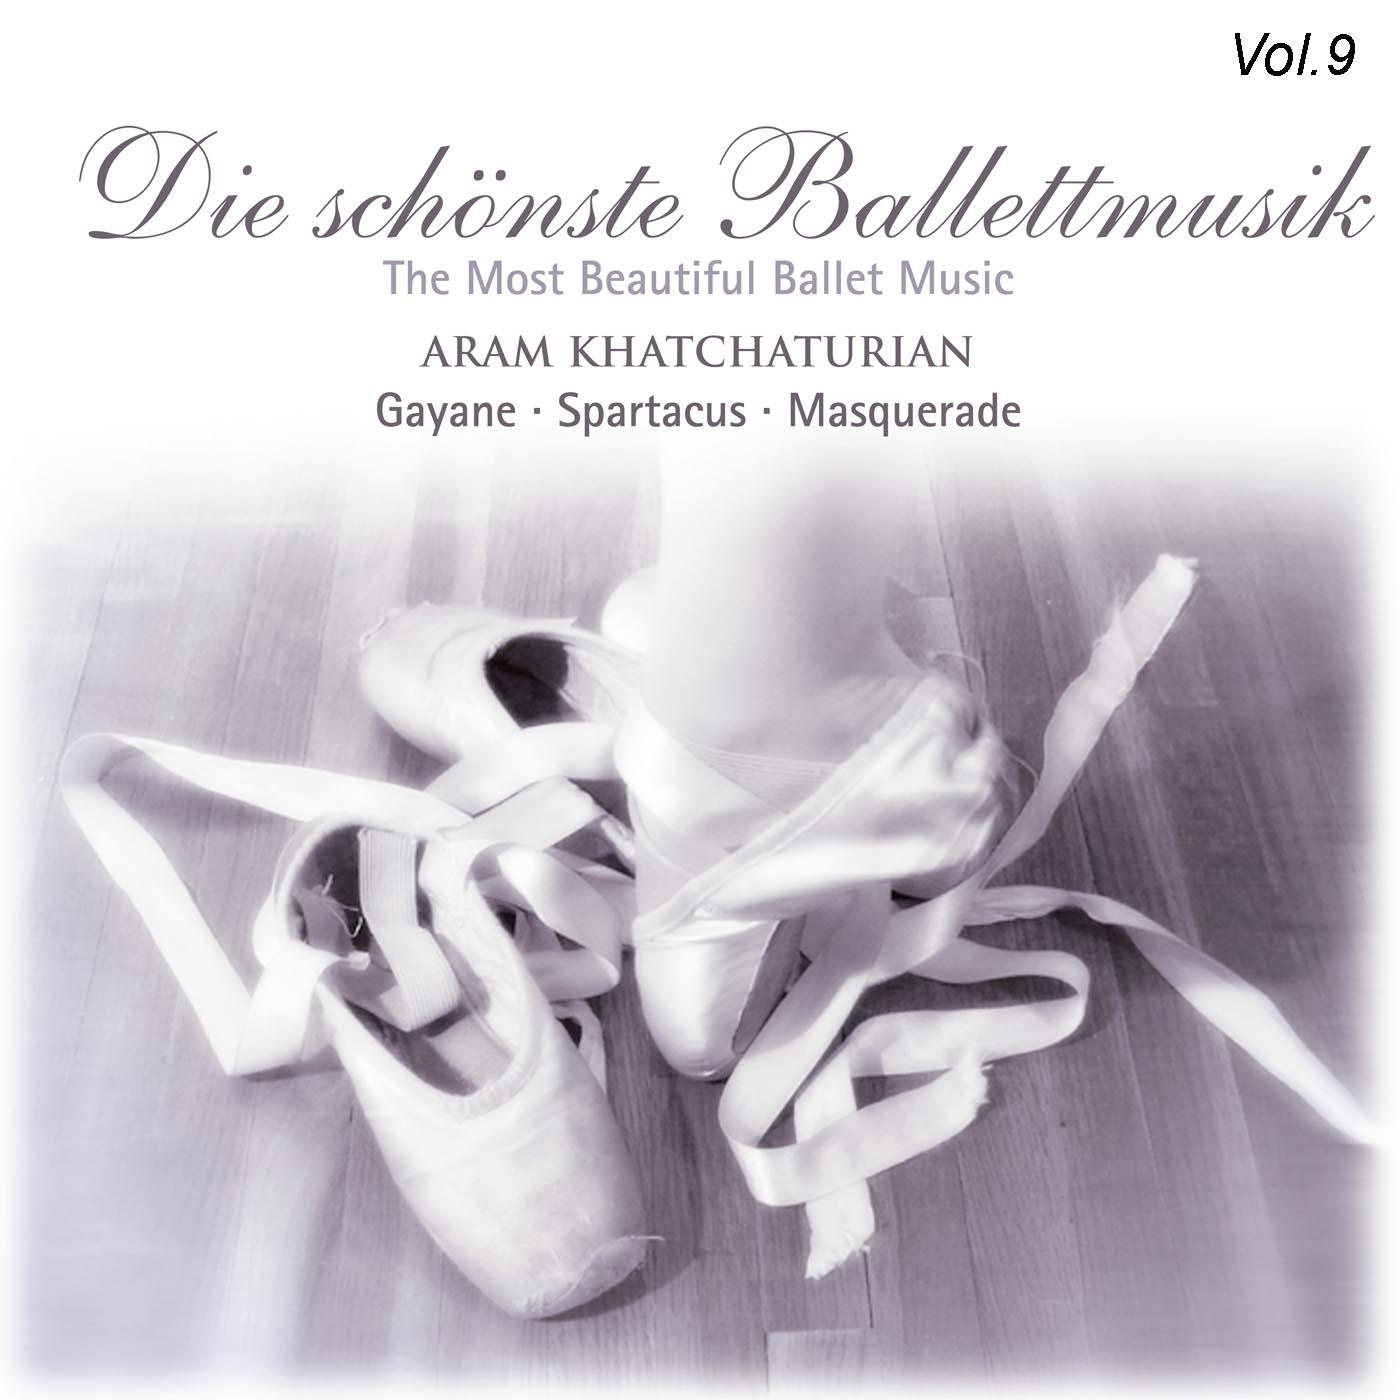 Maskerade-Suite: II. Nocturne